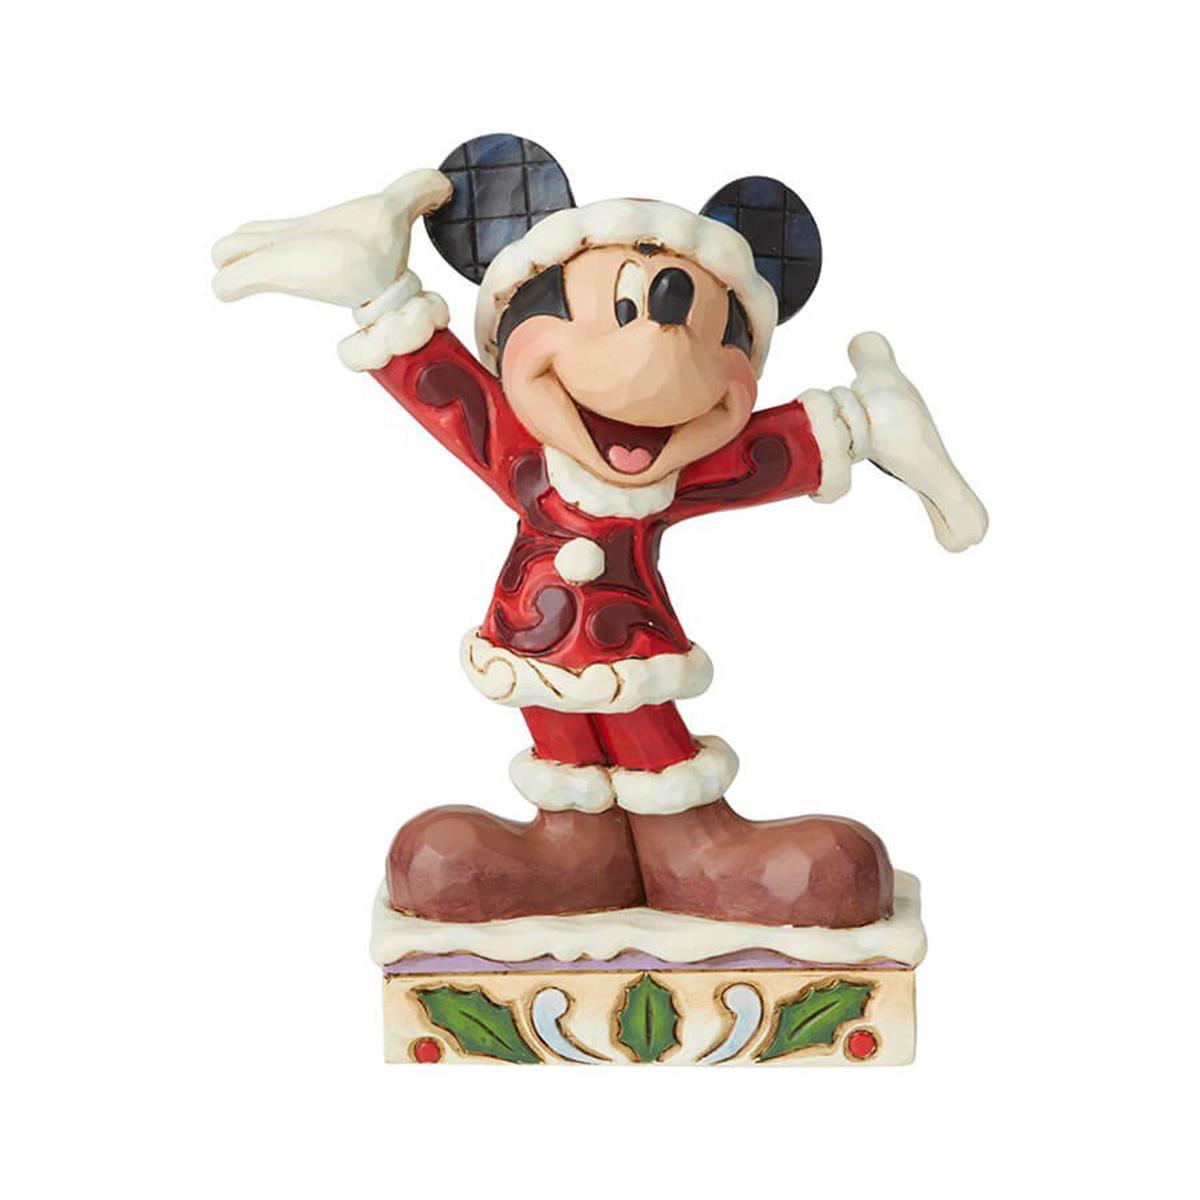 Jim Shore ジム ショア フィギュア ミッキー ワンダフルクリスマス 6002842 Disney ディズニートラディション enesco. エネスコ クリスマス サンタクロース 木彫り調 置物 飾り ディスプレイ 雑貨 プレゼント ギフト